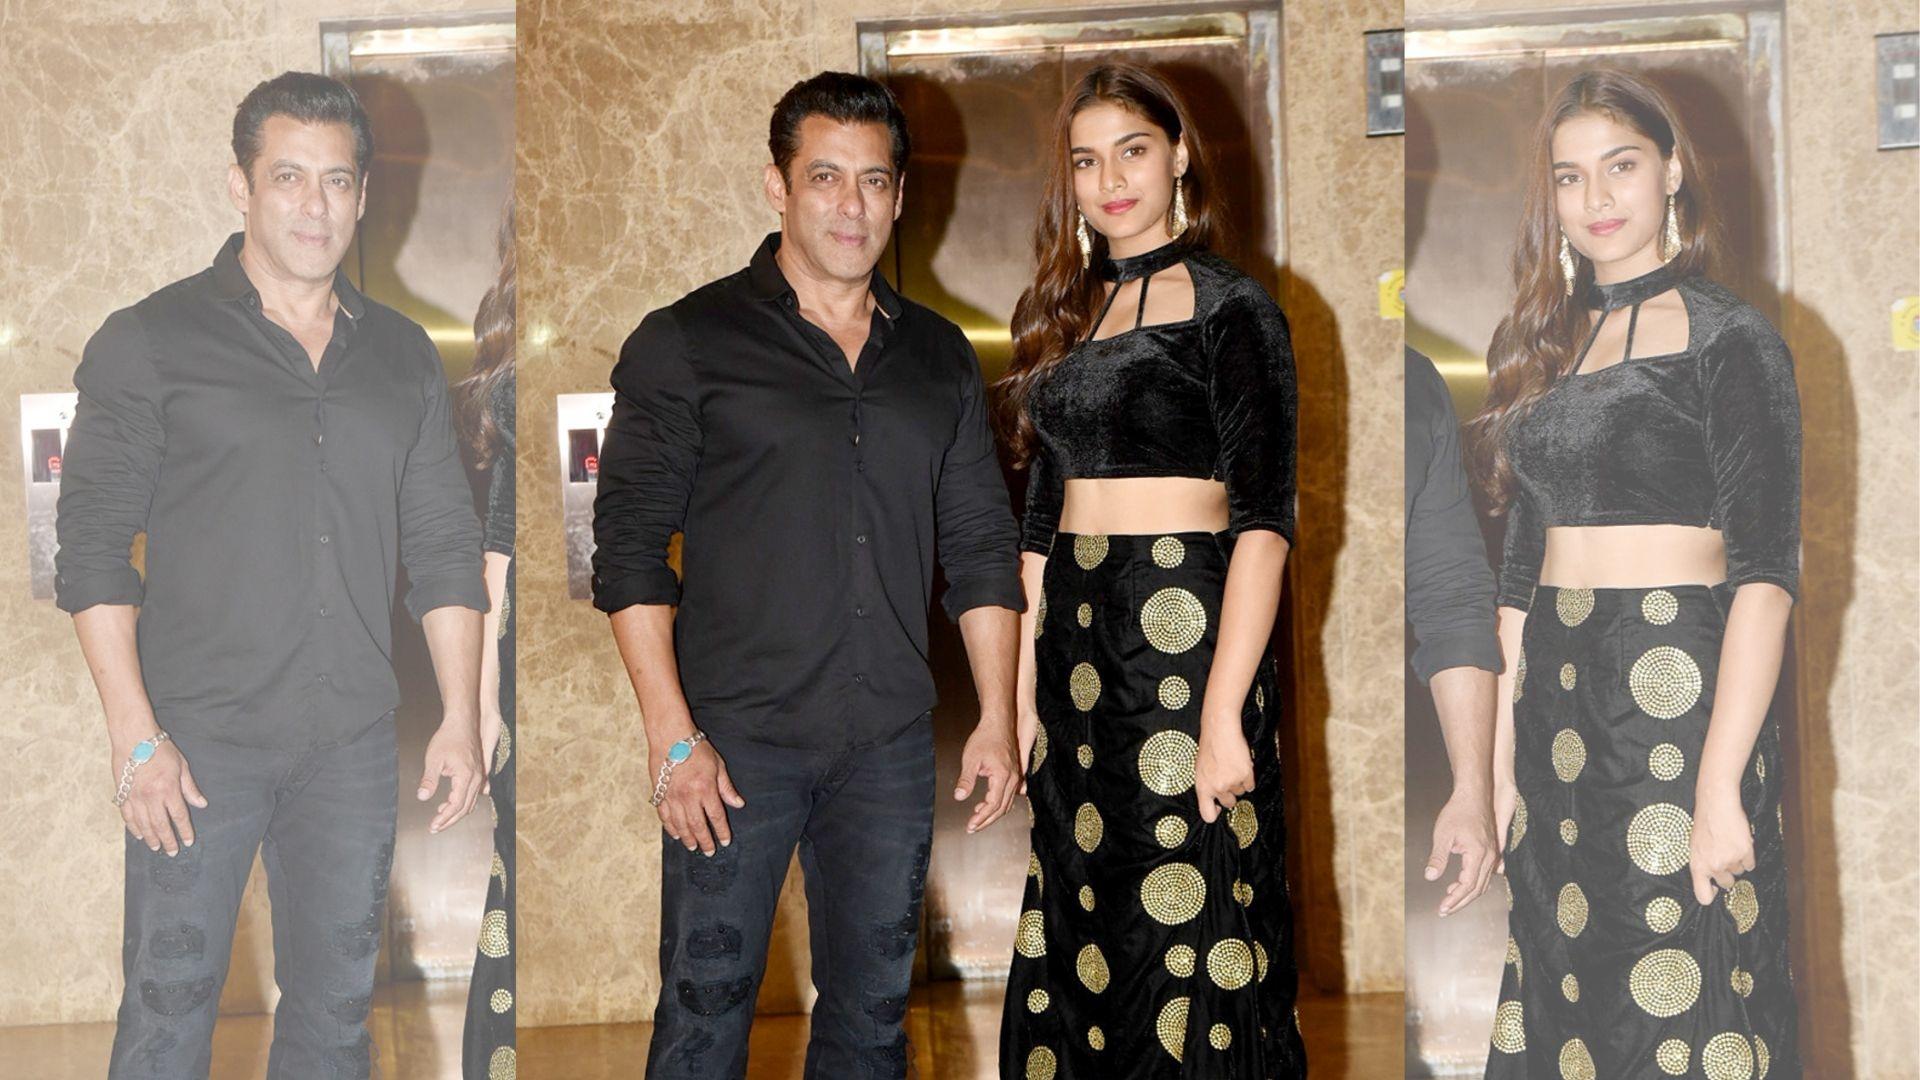 Salman Khan Poses With His 'Dabangg 3' Girl Saiee at Diwali Party